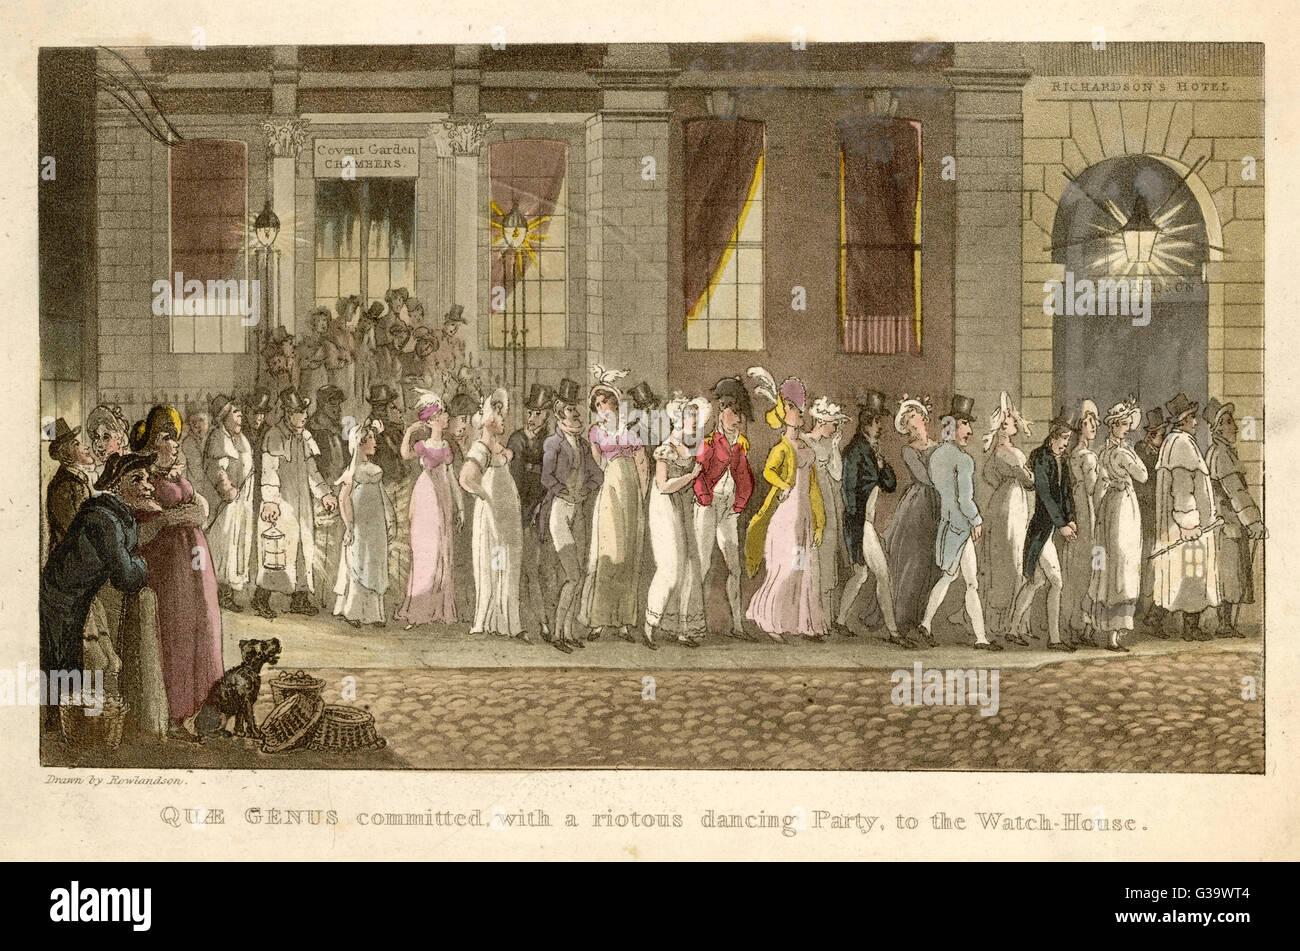 Quae genere impegnata con un rivoltosi balli, all'Watch-House. Data: 1821 Immagini Stock